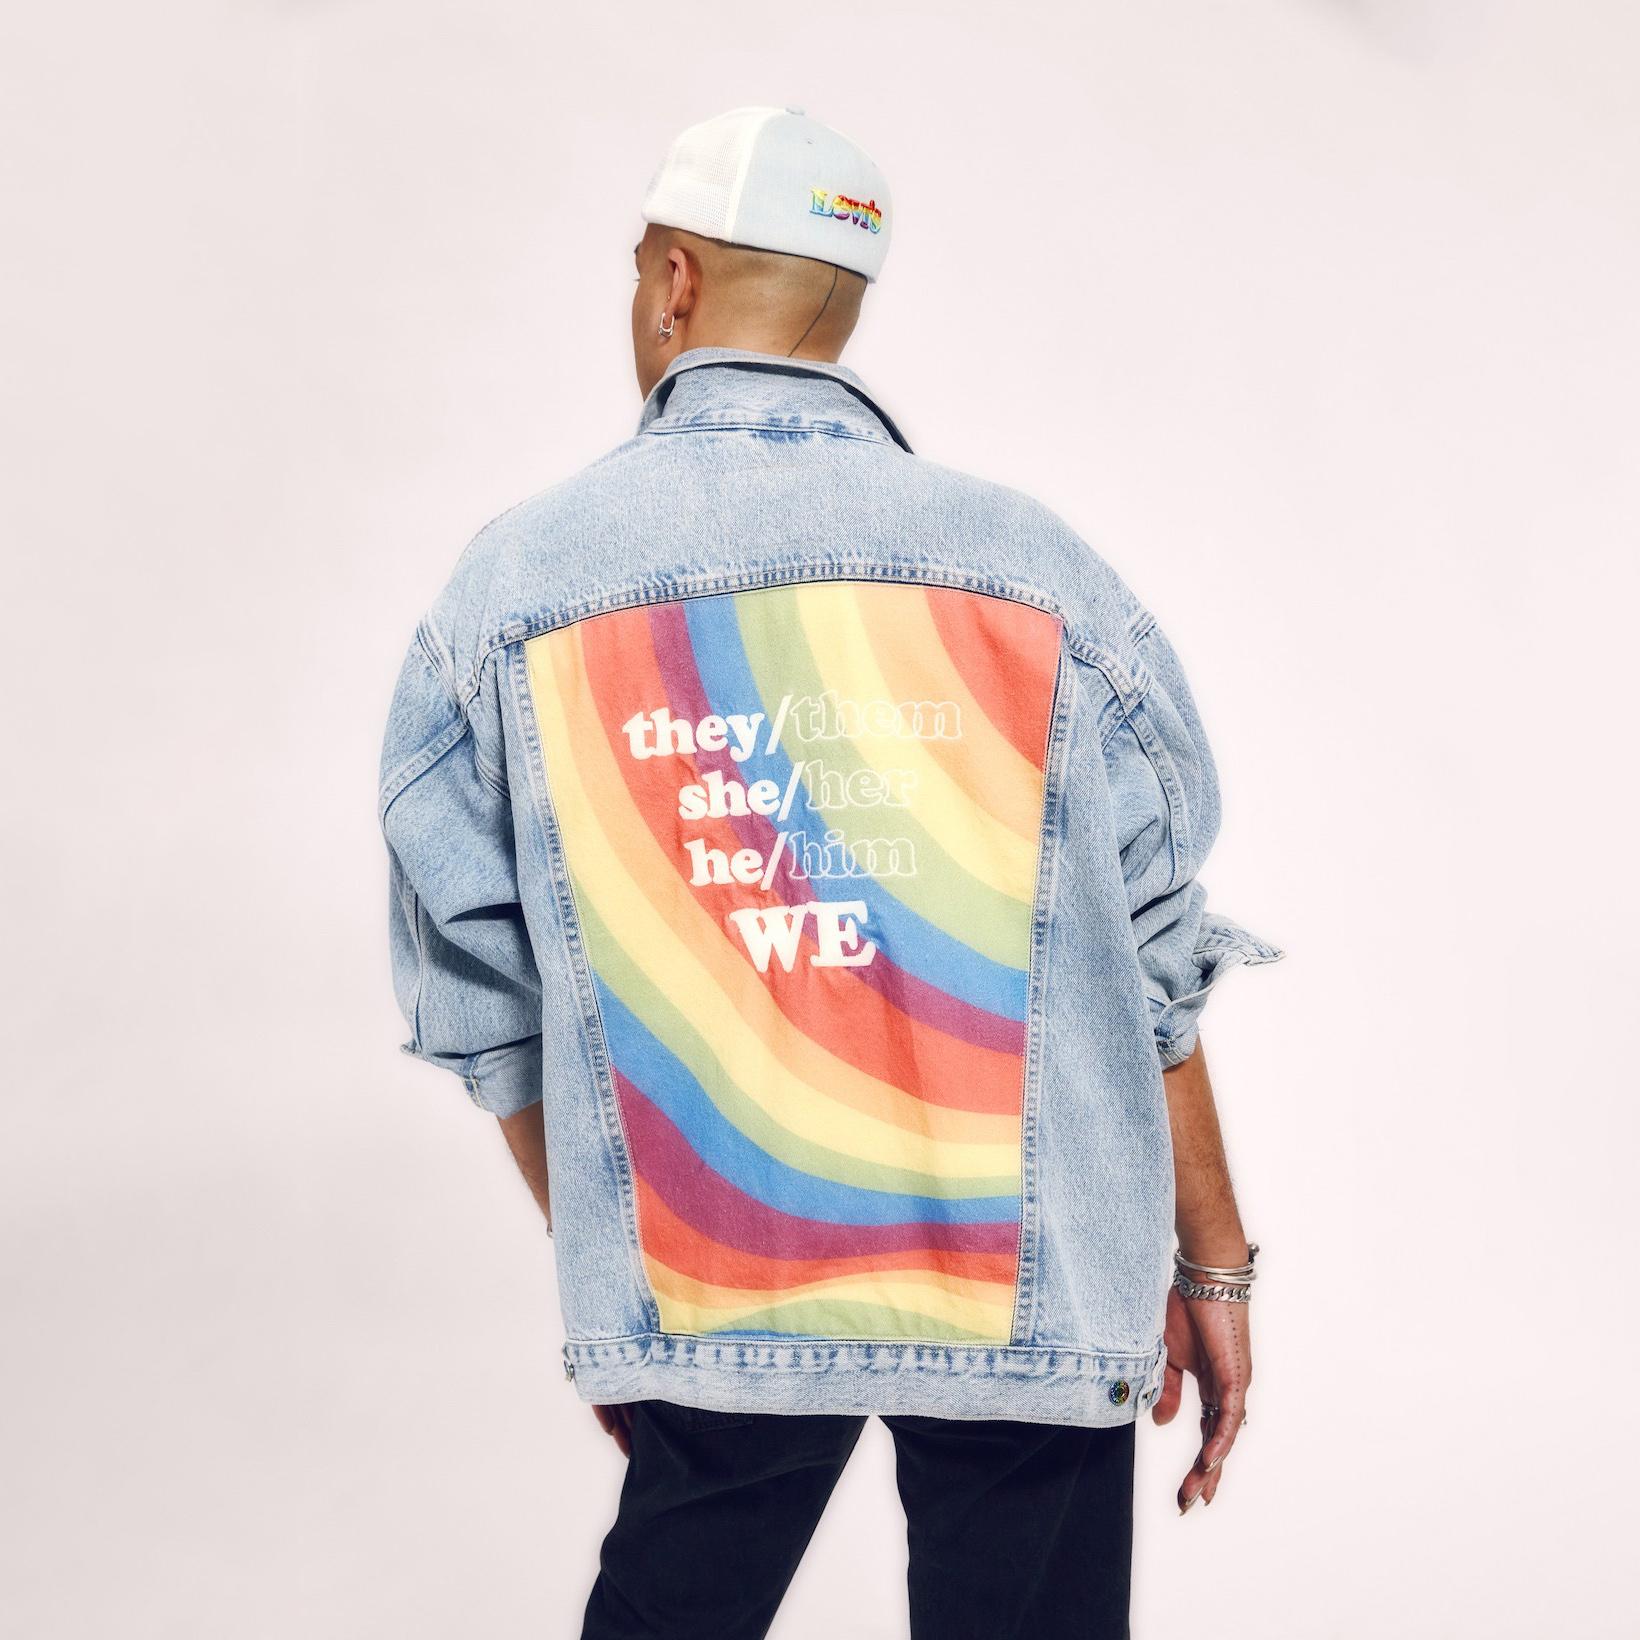 Levi's представил новую благотворительную коллекцию одежды